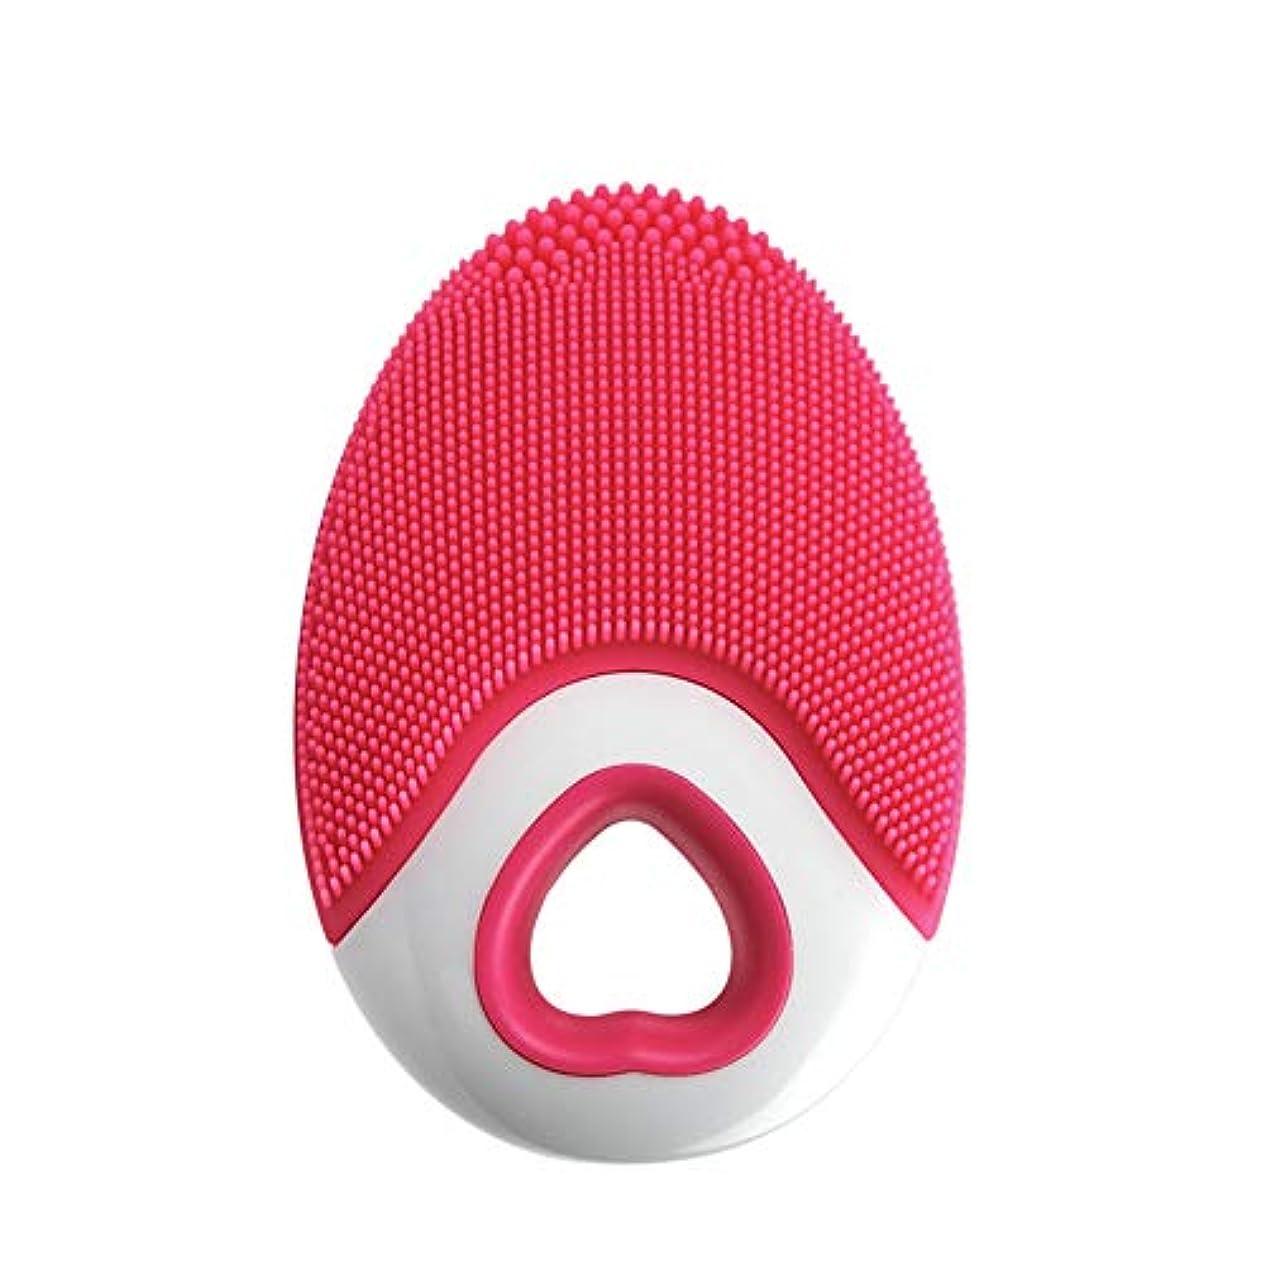 輪郭アーチ説得Aylincool   1ピースシリコンフェイスクレンザーブラシ超音波ディープクリーニング防水ワイヤレス充電